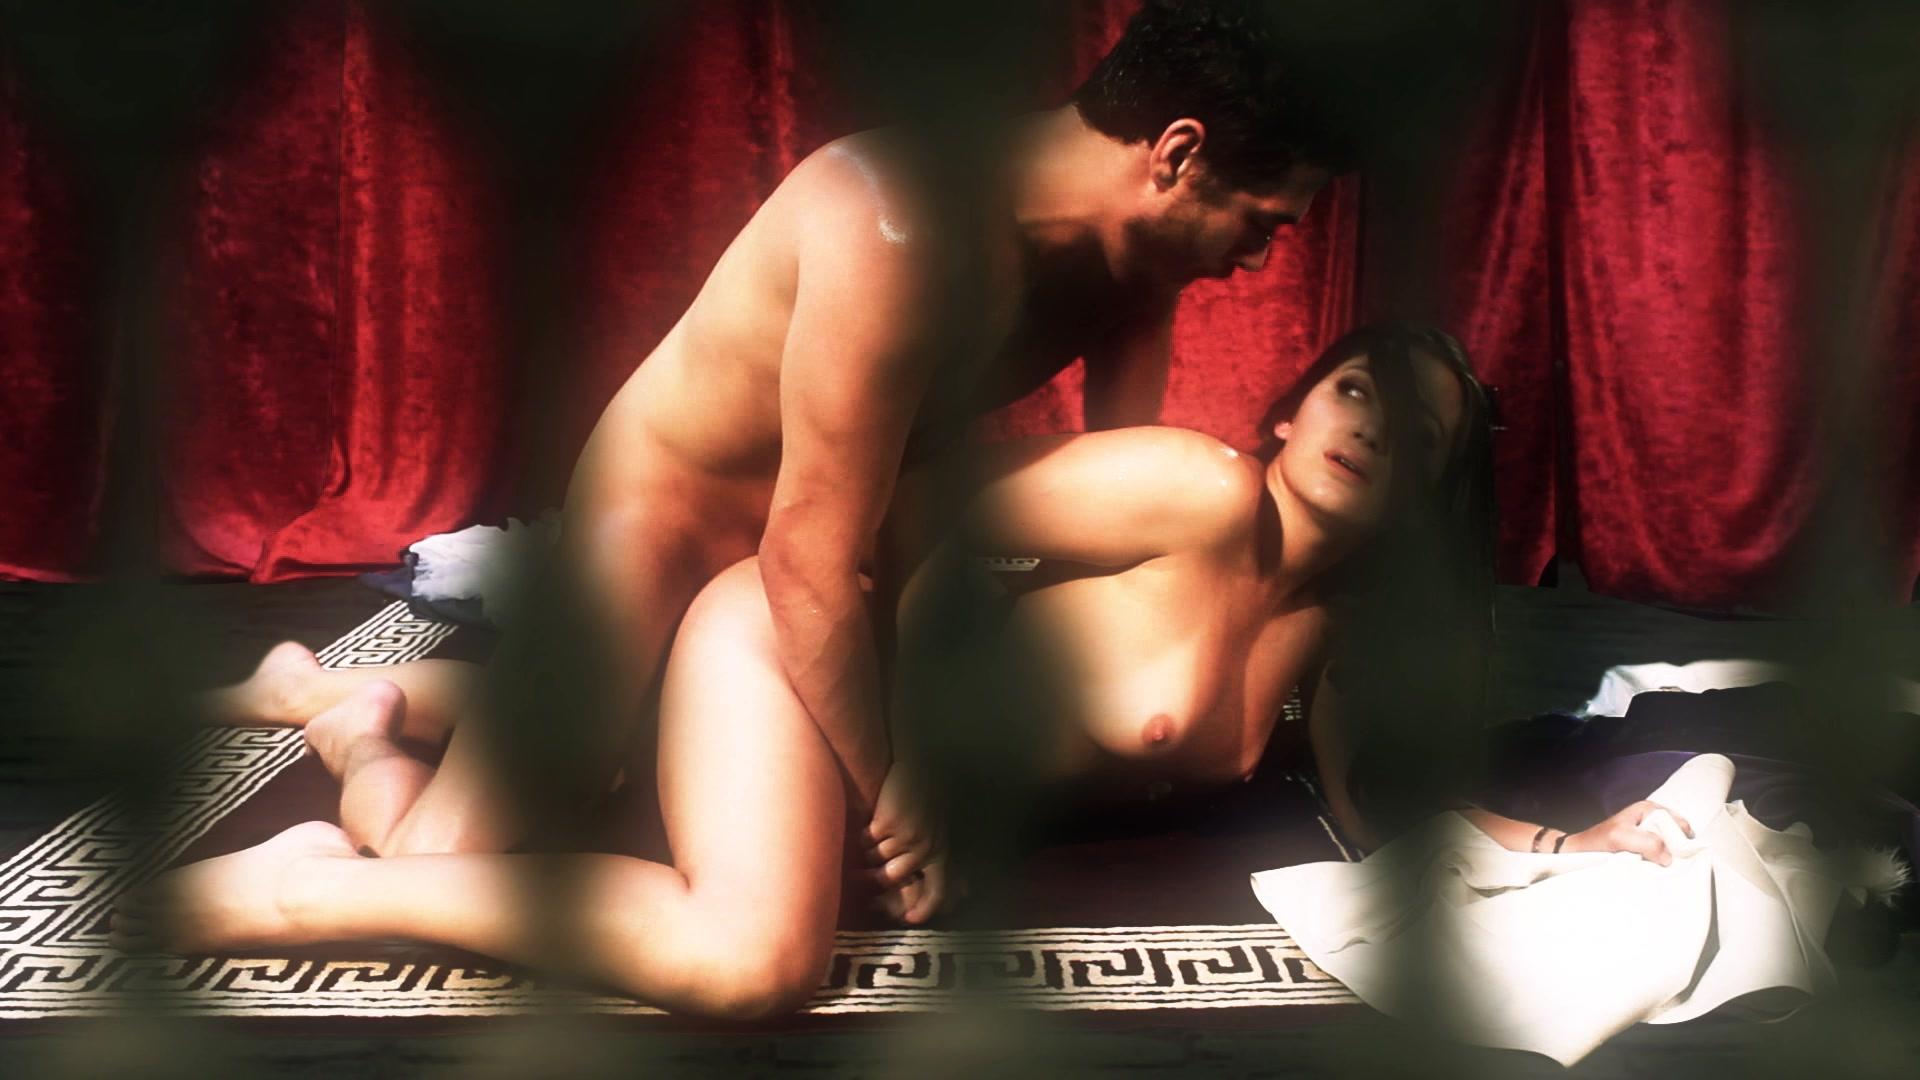 Leggy Beauty Dani Daniels Passionately Fucks Horny Beast Xander Corvus Starring:  Xander Corvus  Dani Daniels